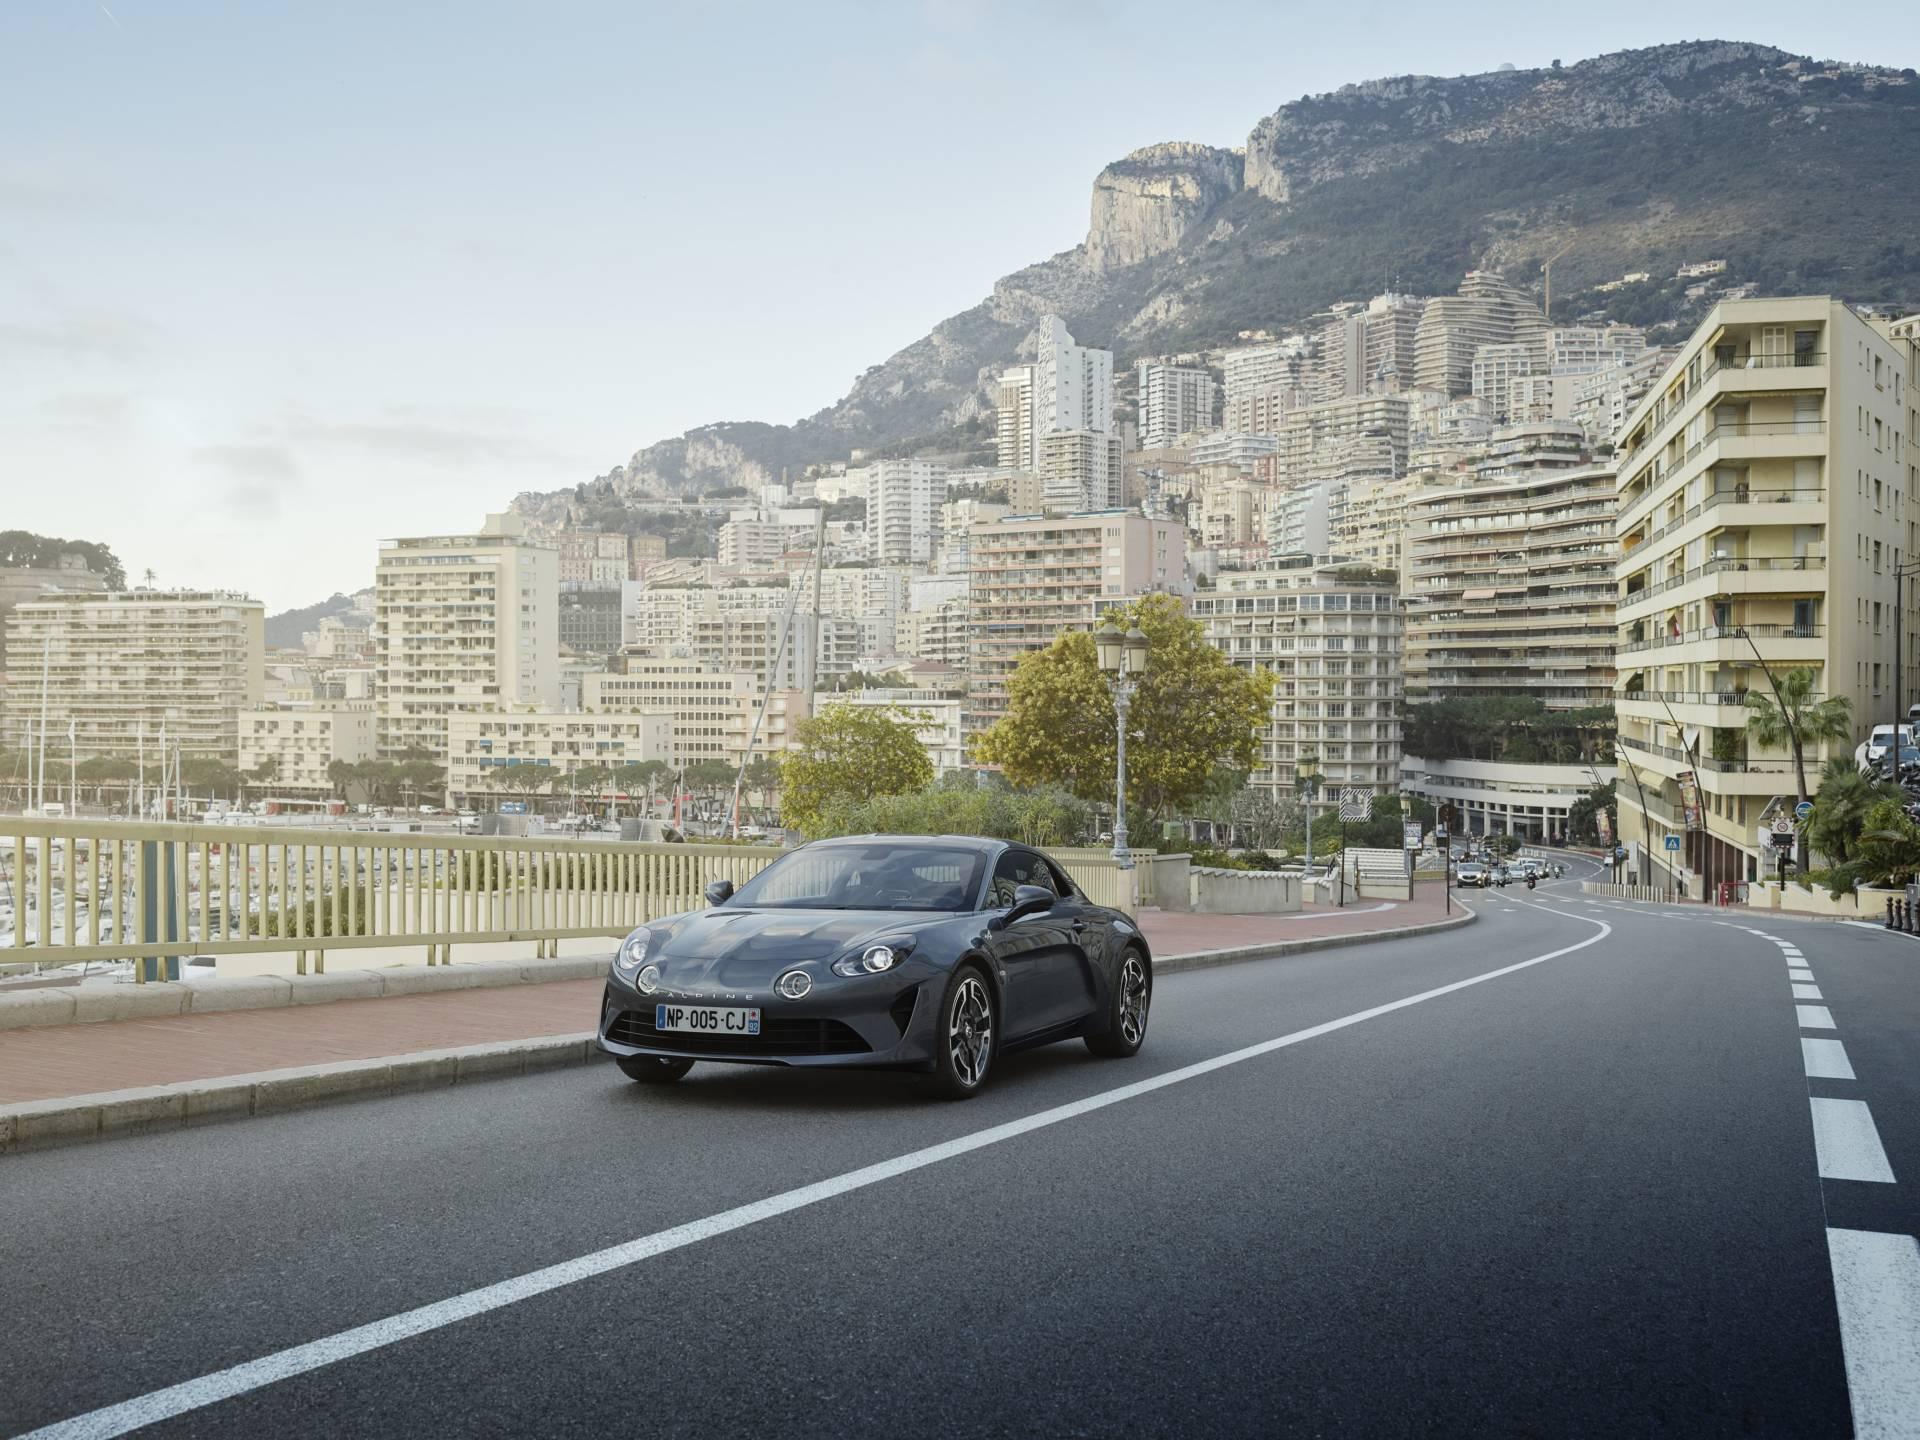 Alpine A110 Légende GIMS Geneve 1 | Alpine dévoile le prix des options de l'A110 Pure et Légende !